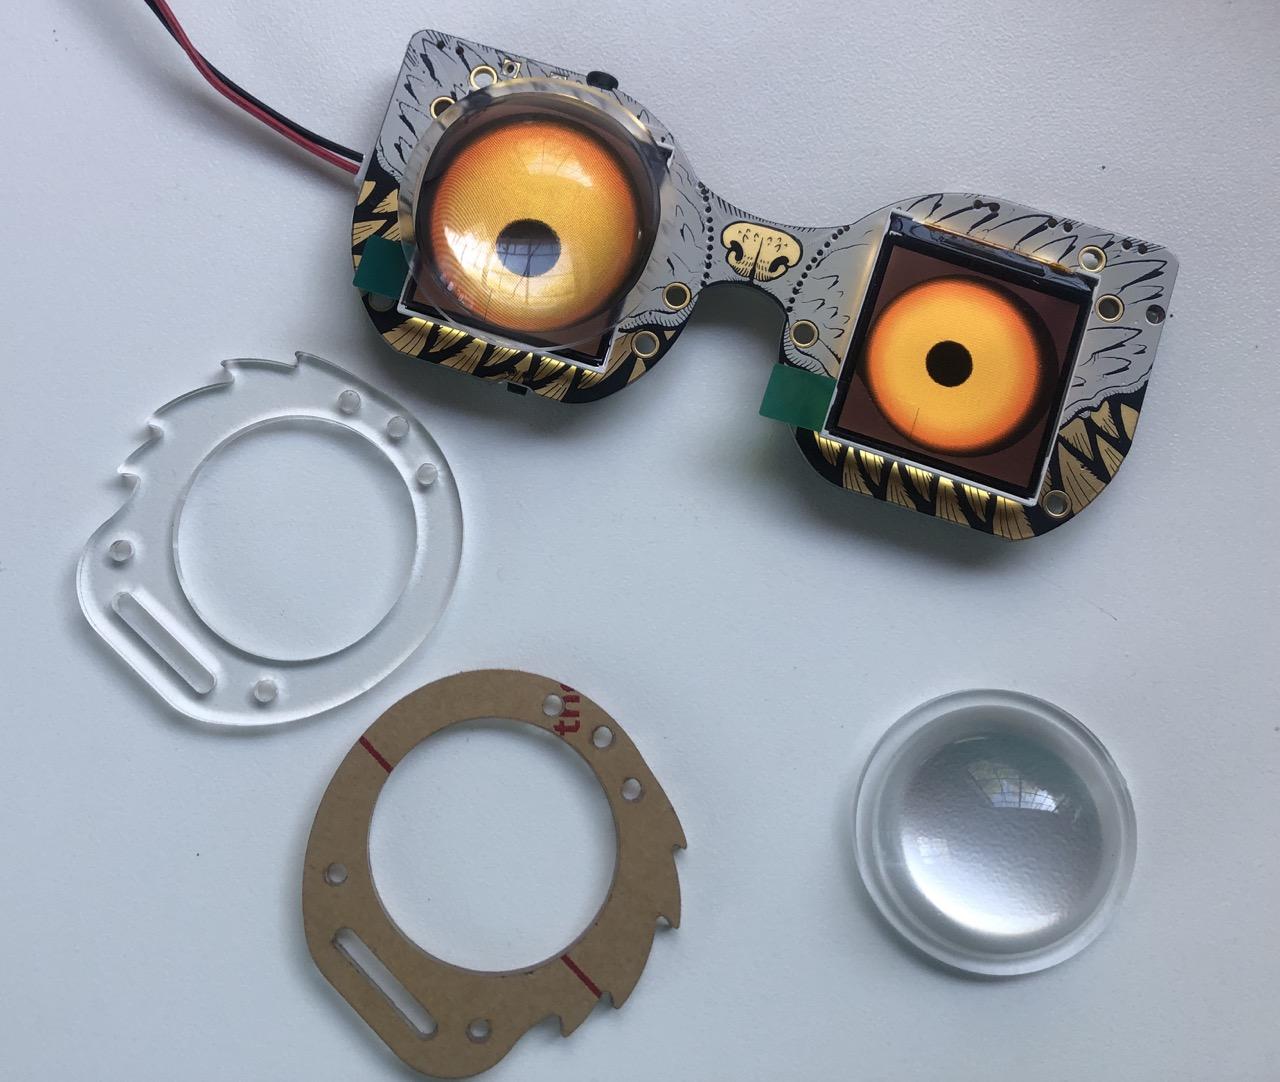 robotics___cnc_04_lenses.jpg